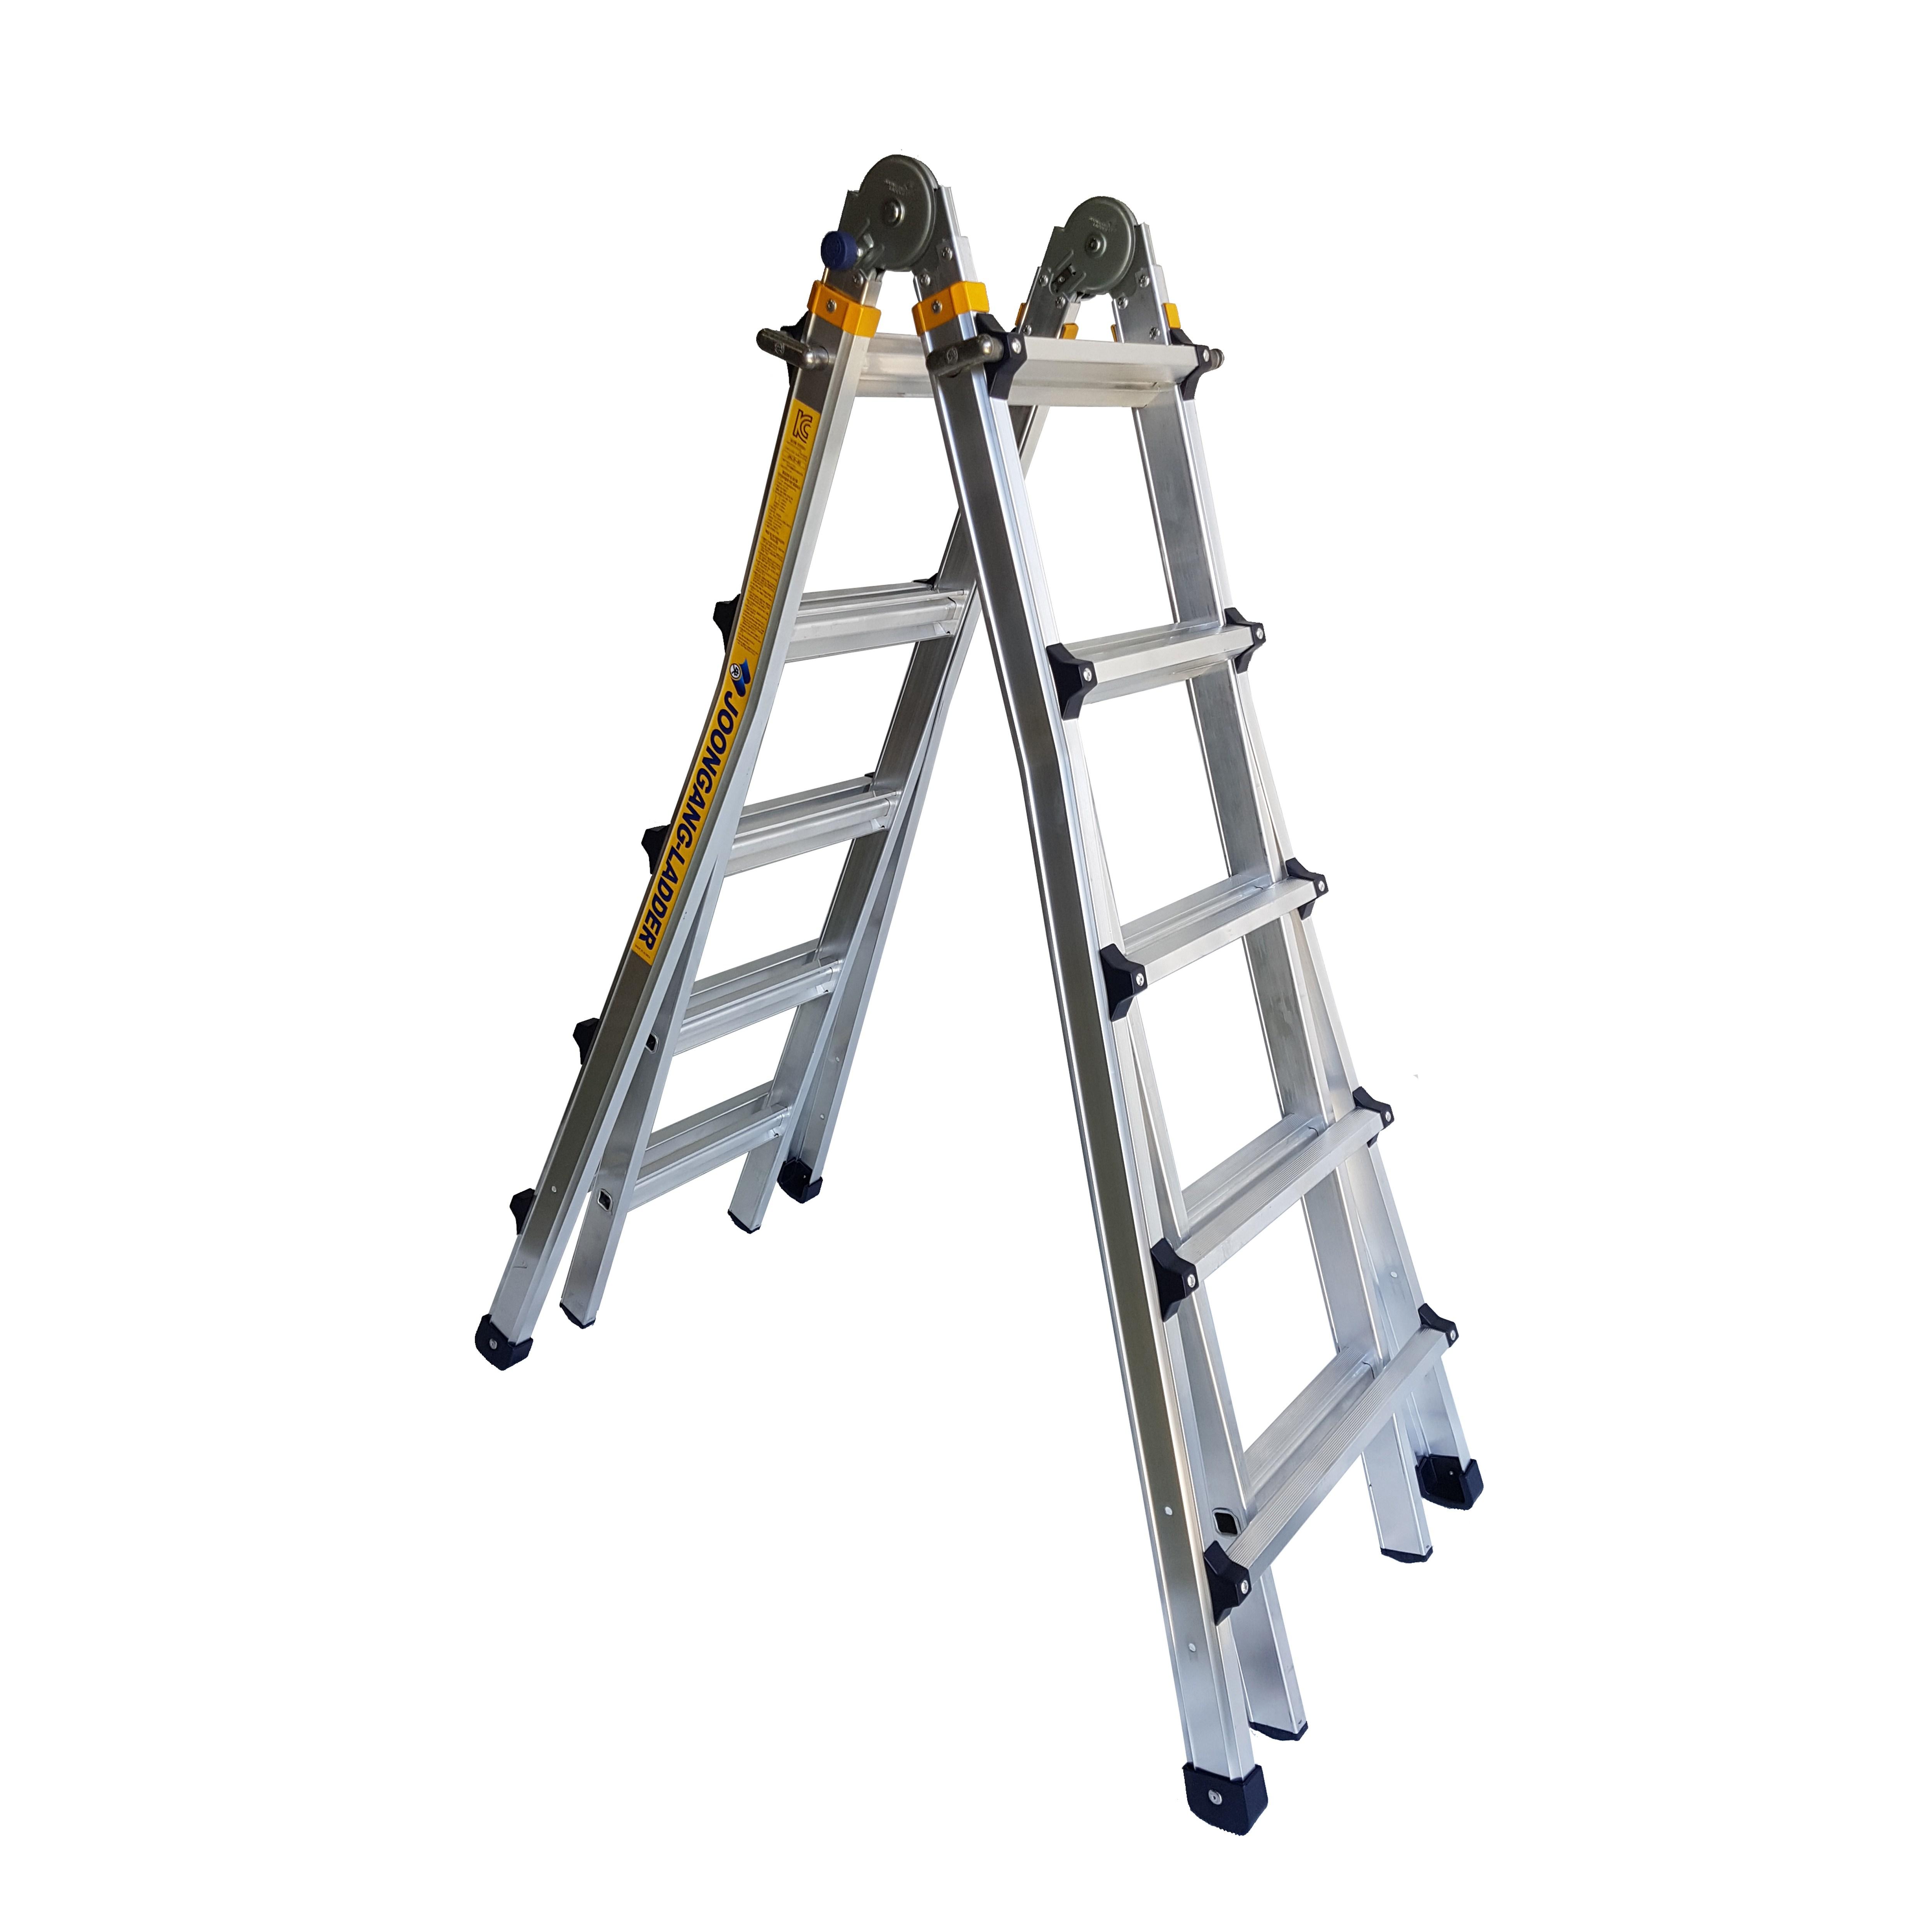 중앙사다리 가정용 상업용 접이식 알루미늄 LS형 3단사다리, 5단 (POP 137272022)